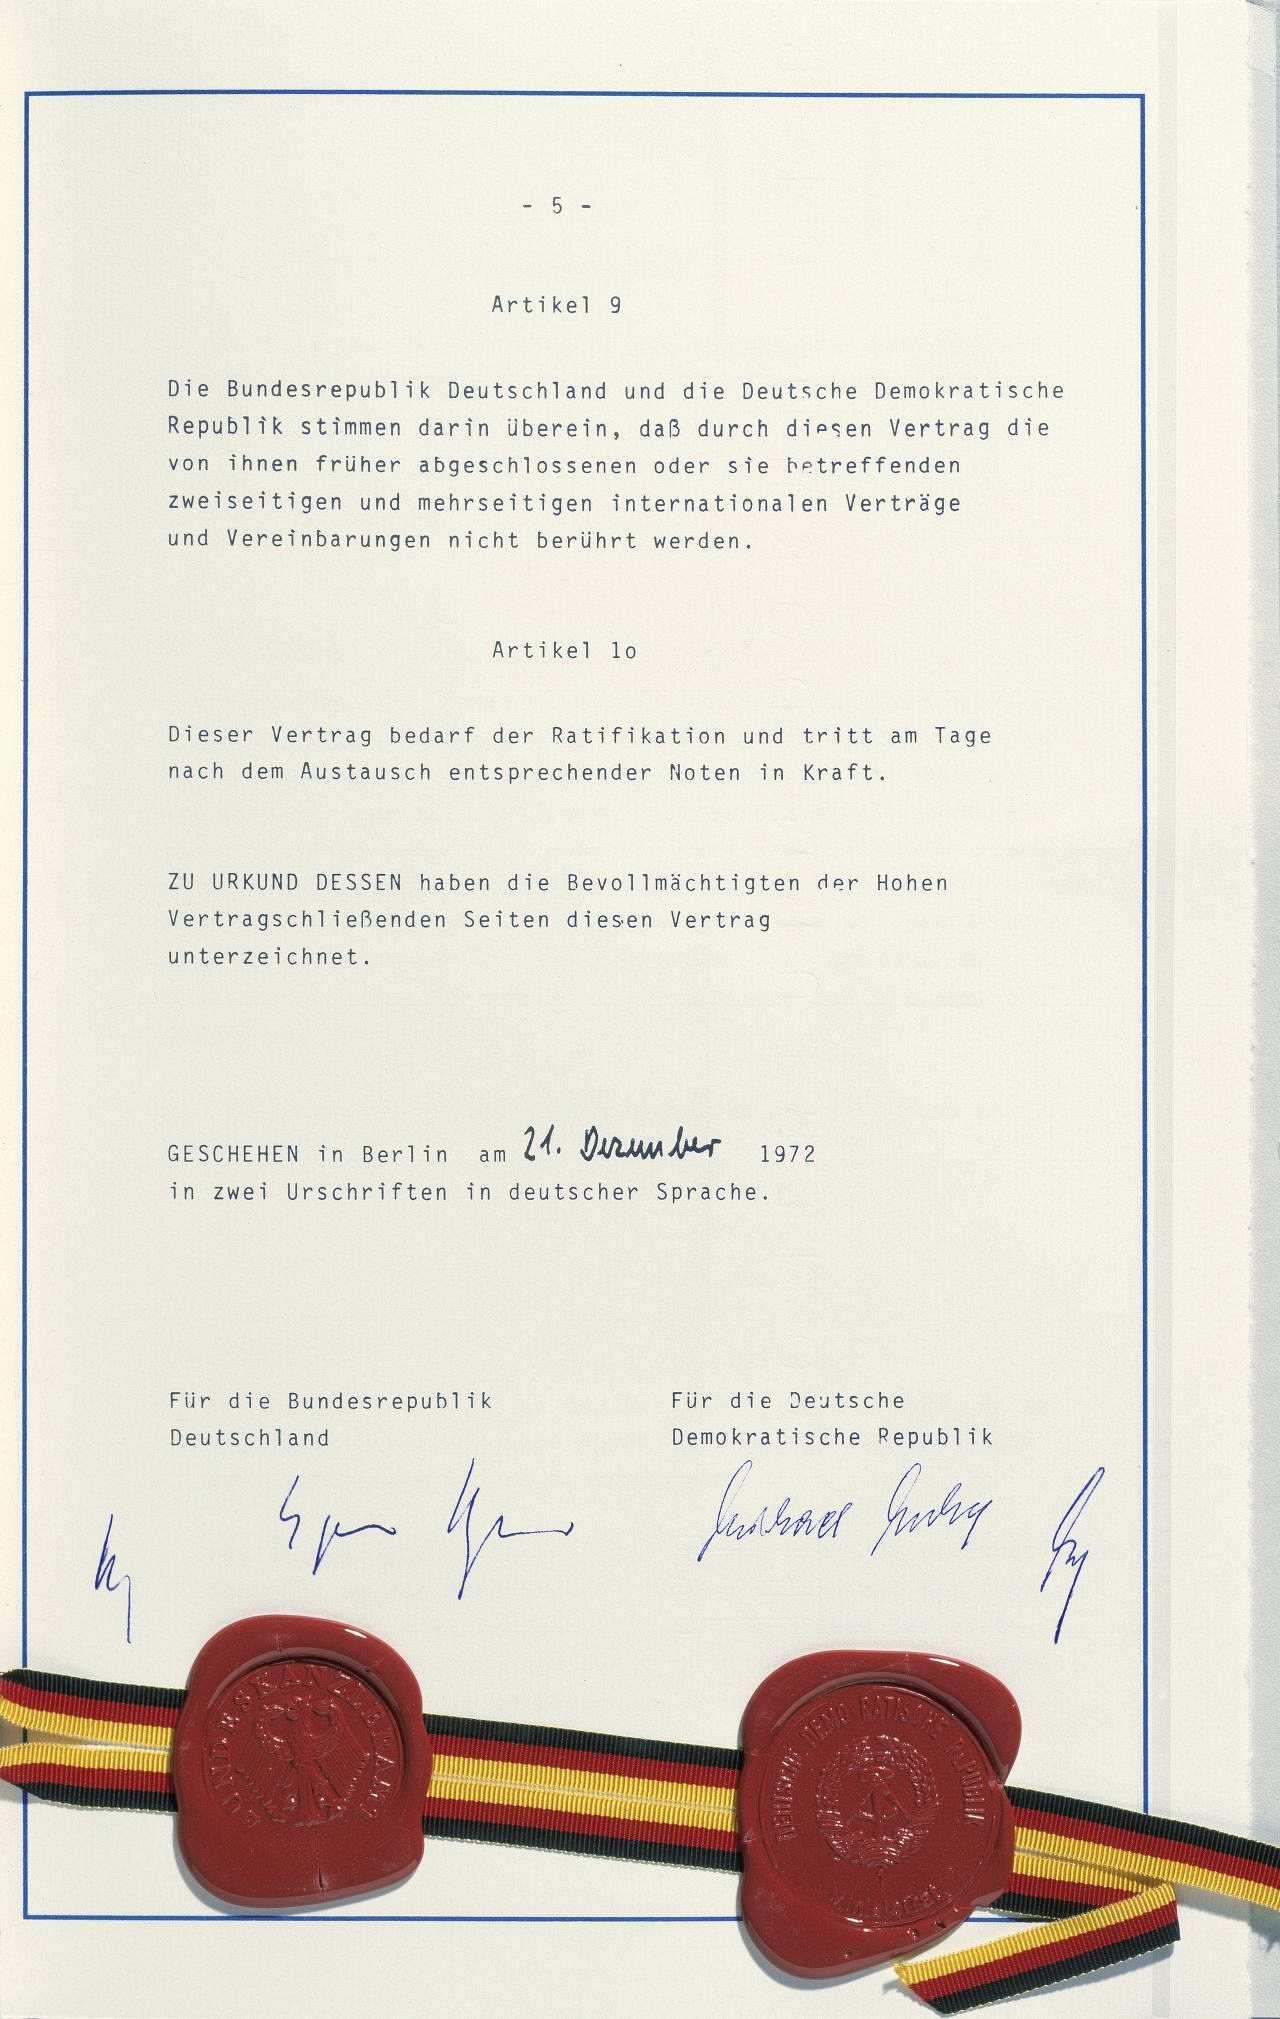 Grundlagenvertrag und Ostverträge by Max Schneider on Prezi